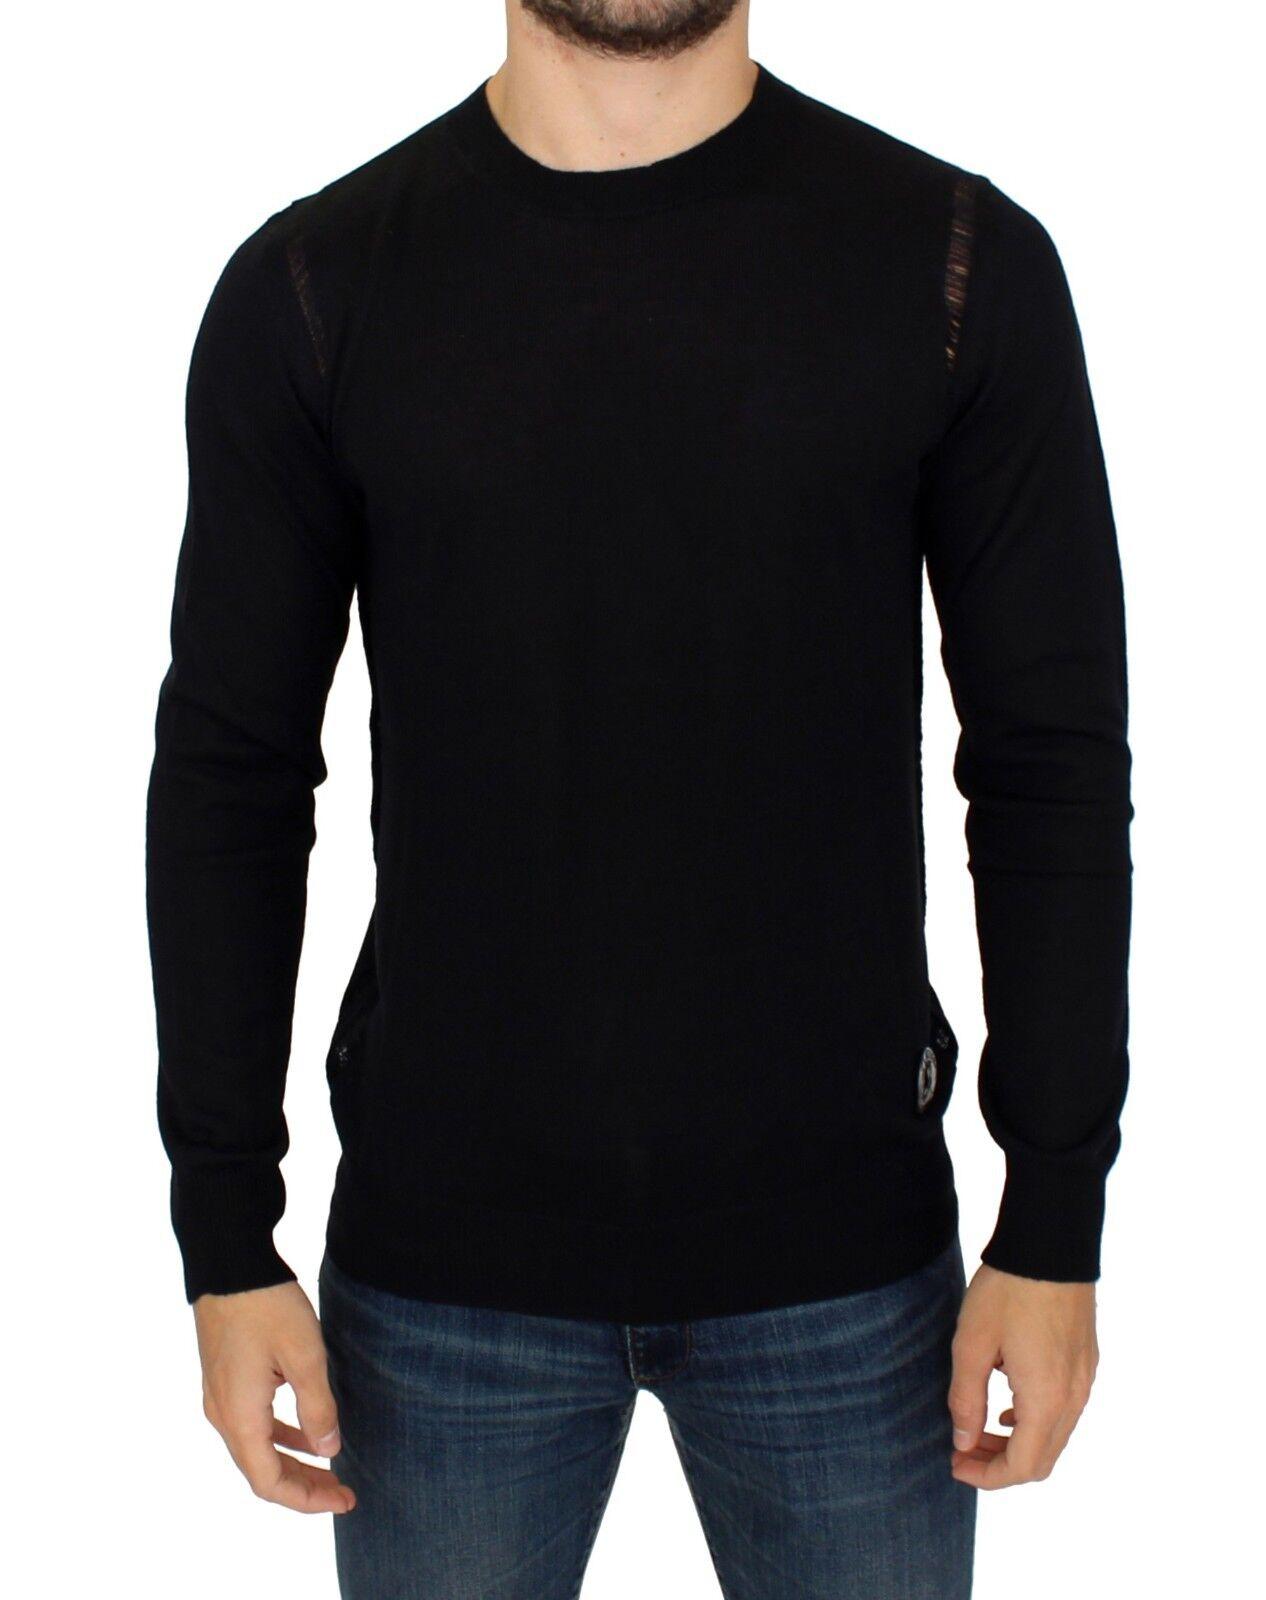 Nuovo Karl Lagerfeld Nero Misto Lana Logo collo Tondo Maglione Pullover S. XL